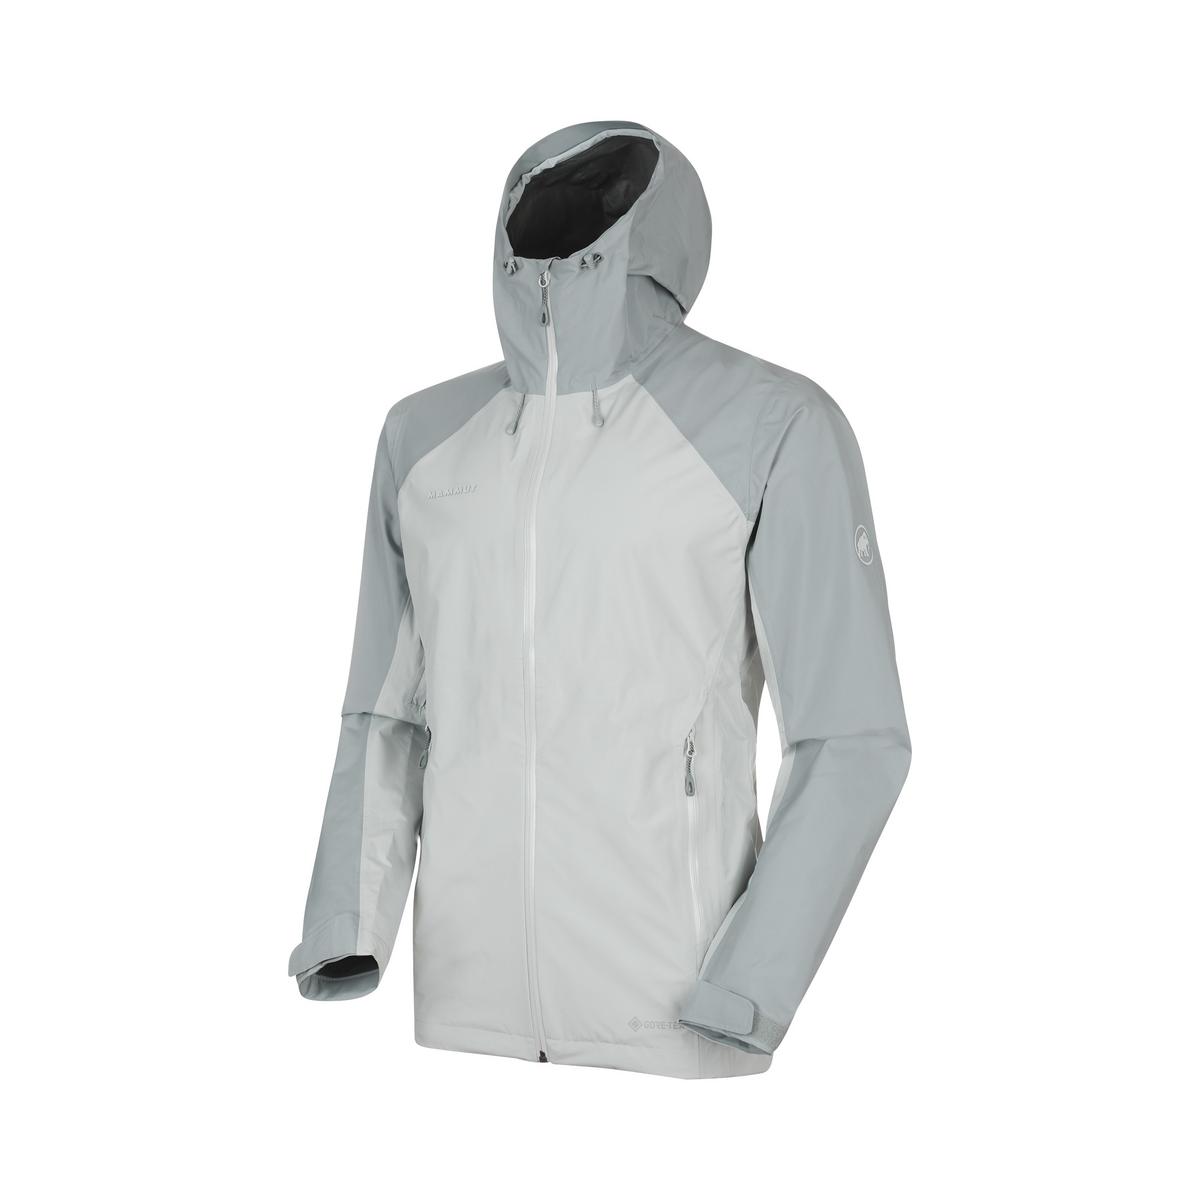 89c3d05ab Convey Tour HS Hooded Jacket Men